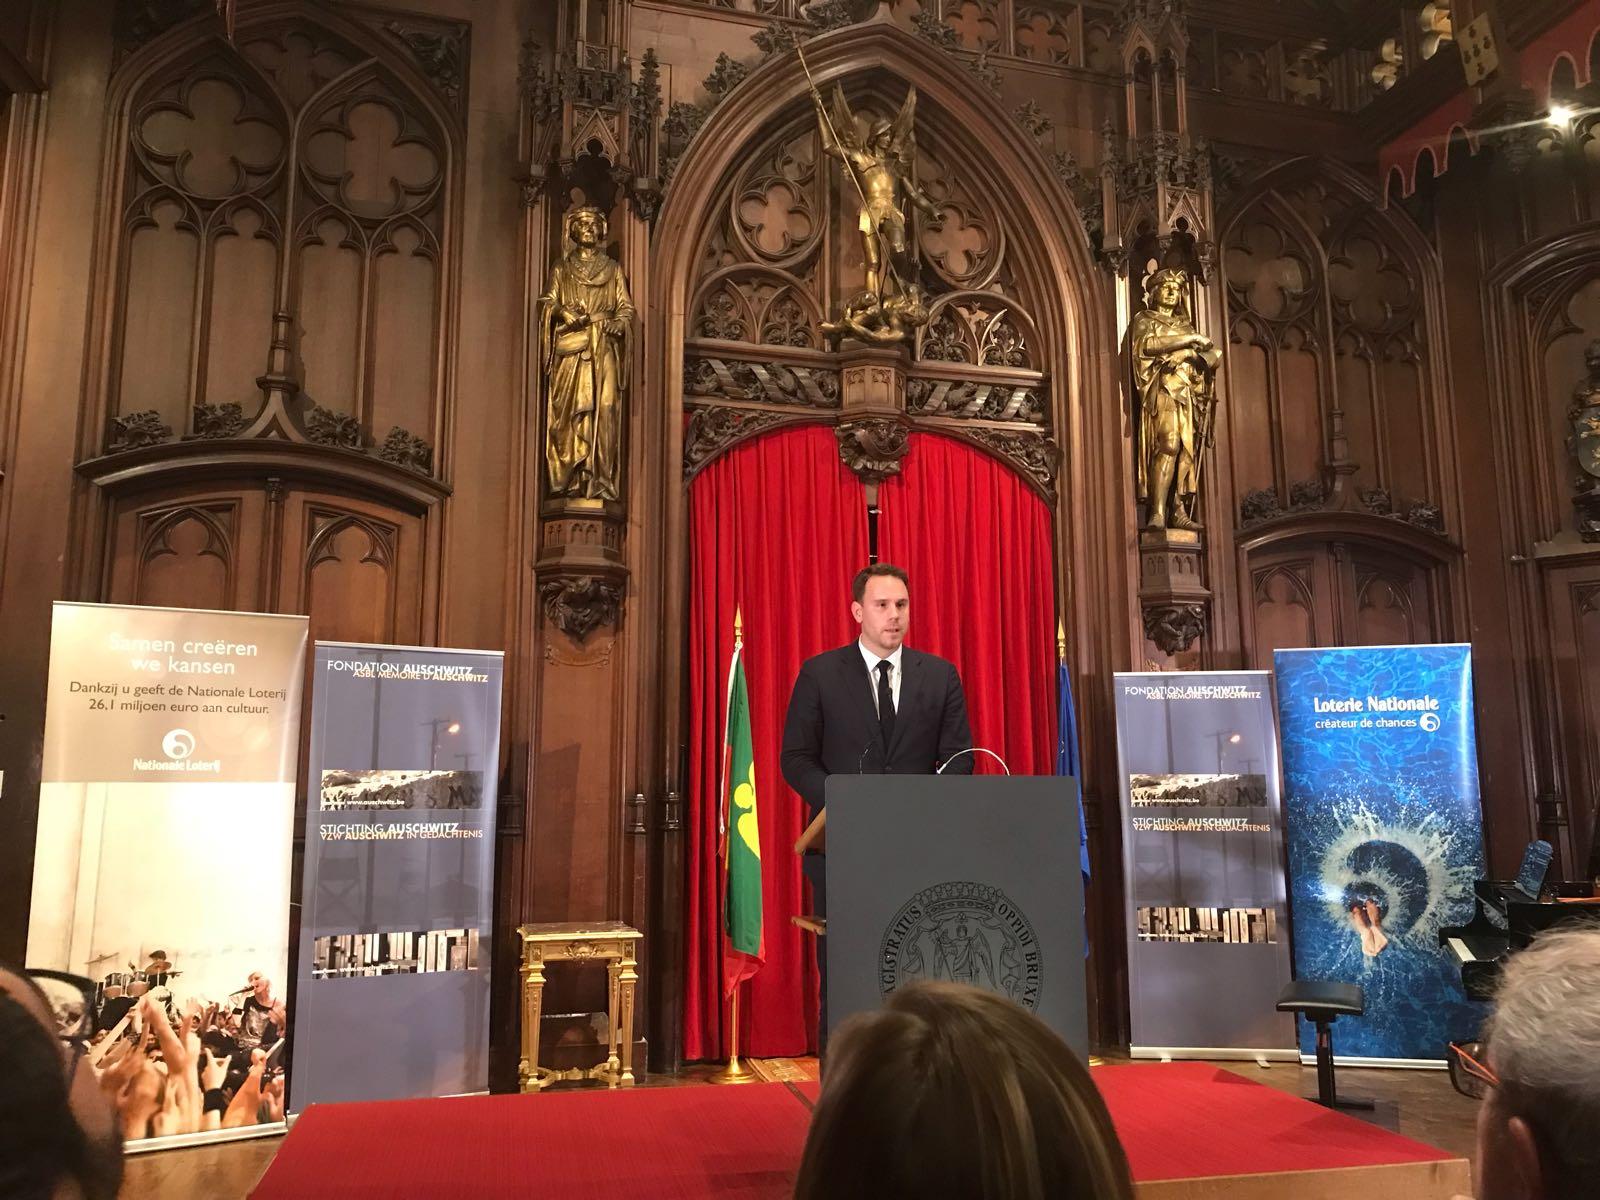 Séance académique de la remise des Prix internationaux de la Fondation Auschwitz